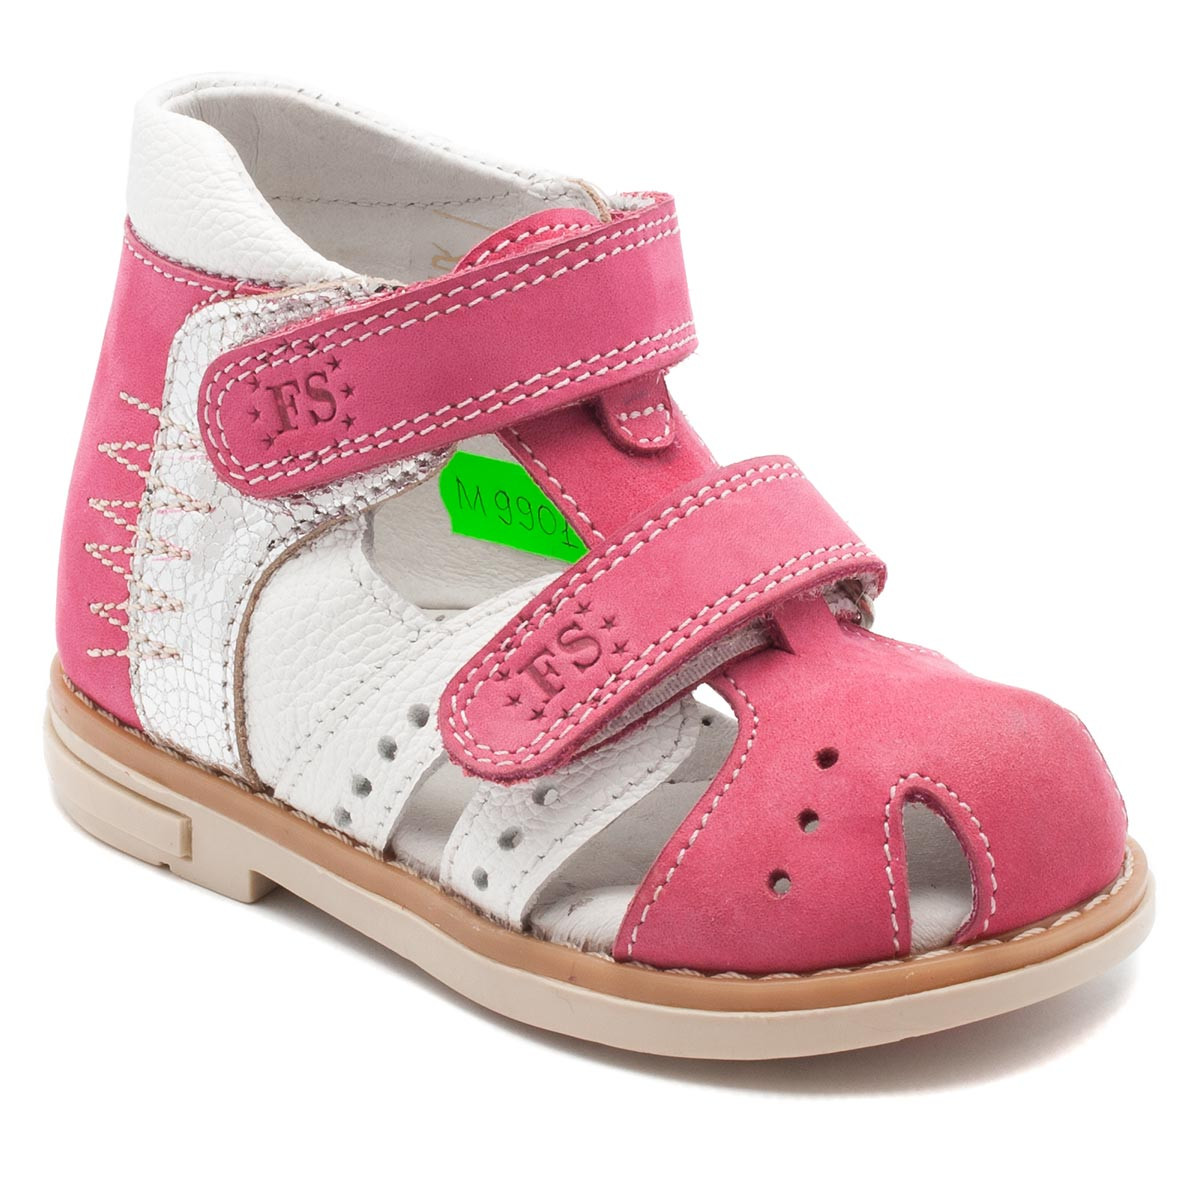 Кожаные, розовые  босоножки FS Сollection для девочки,  размер 20-30